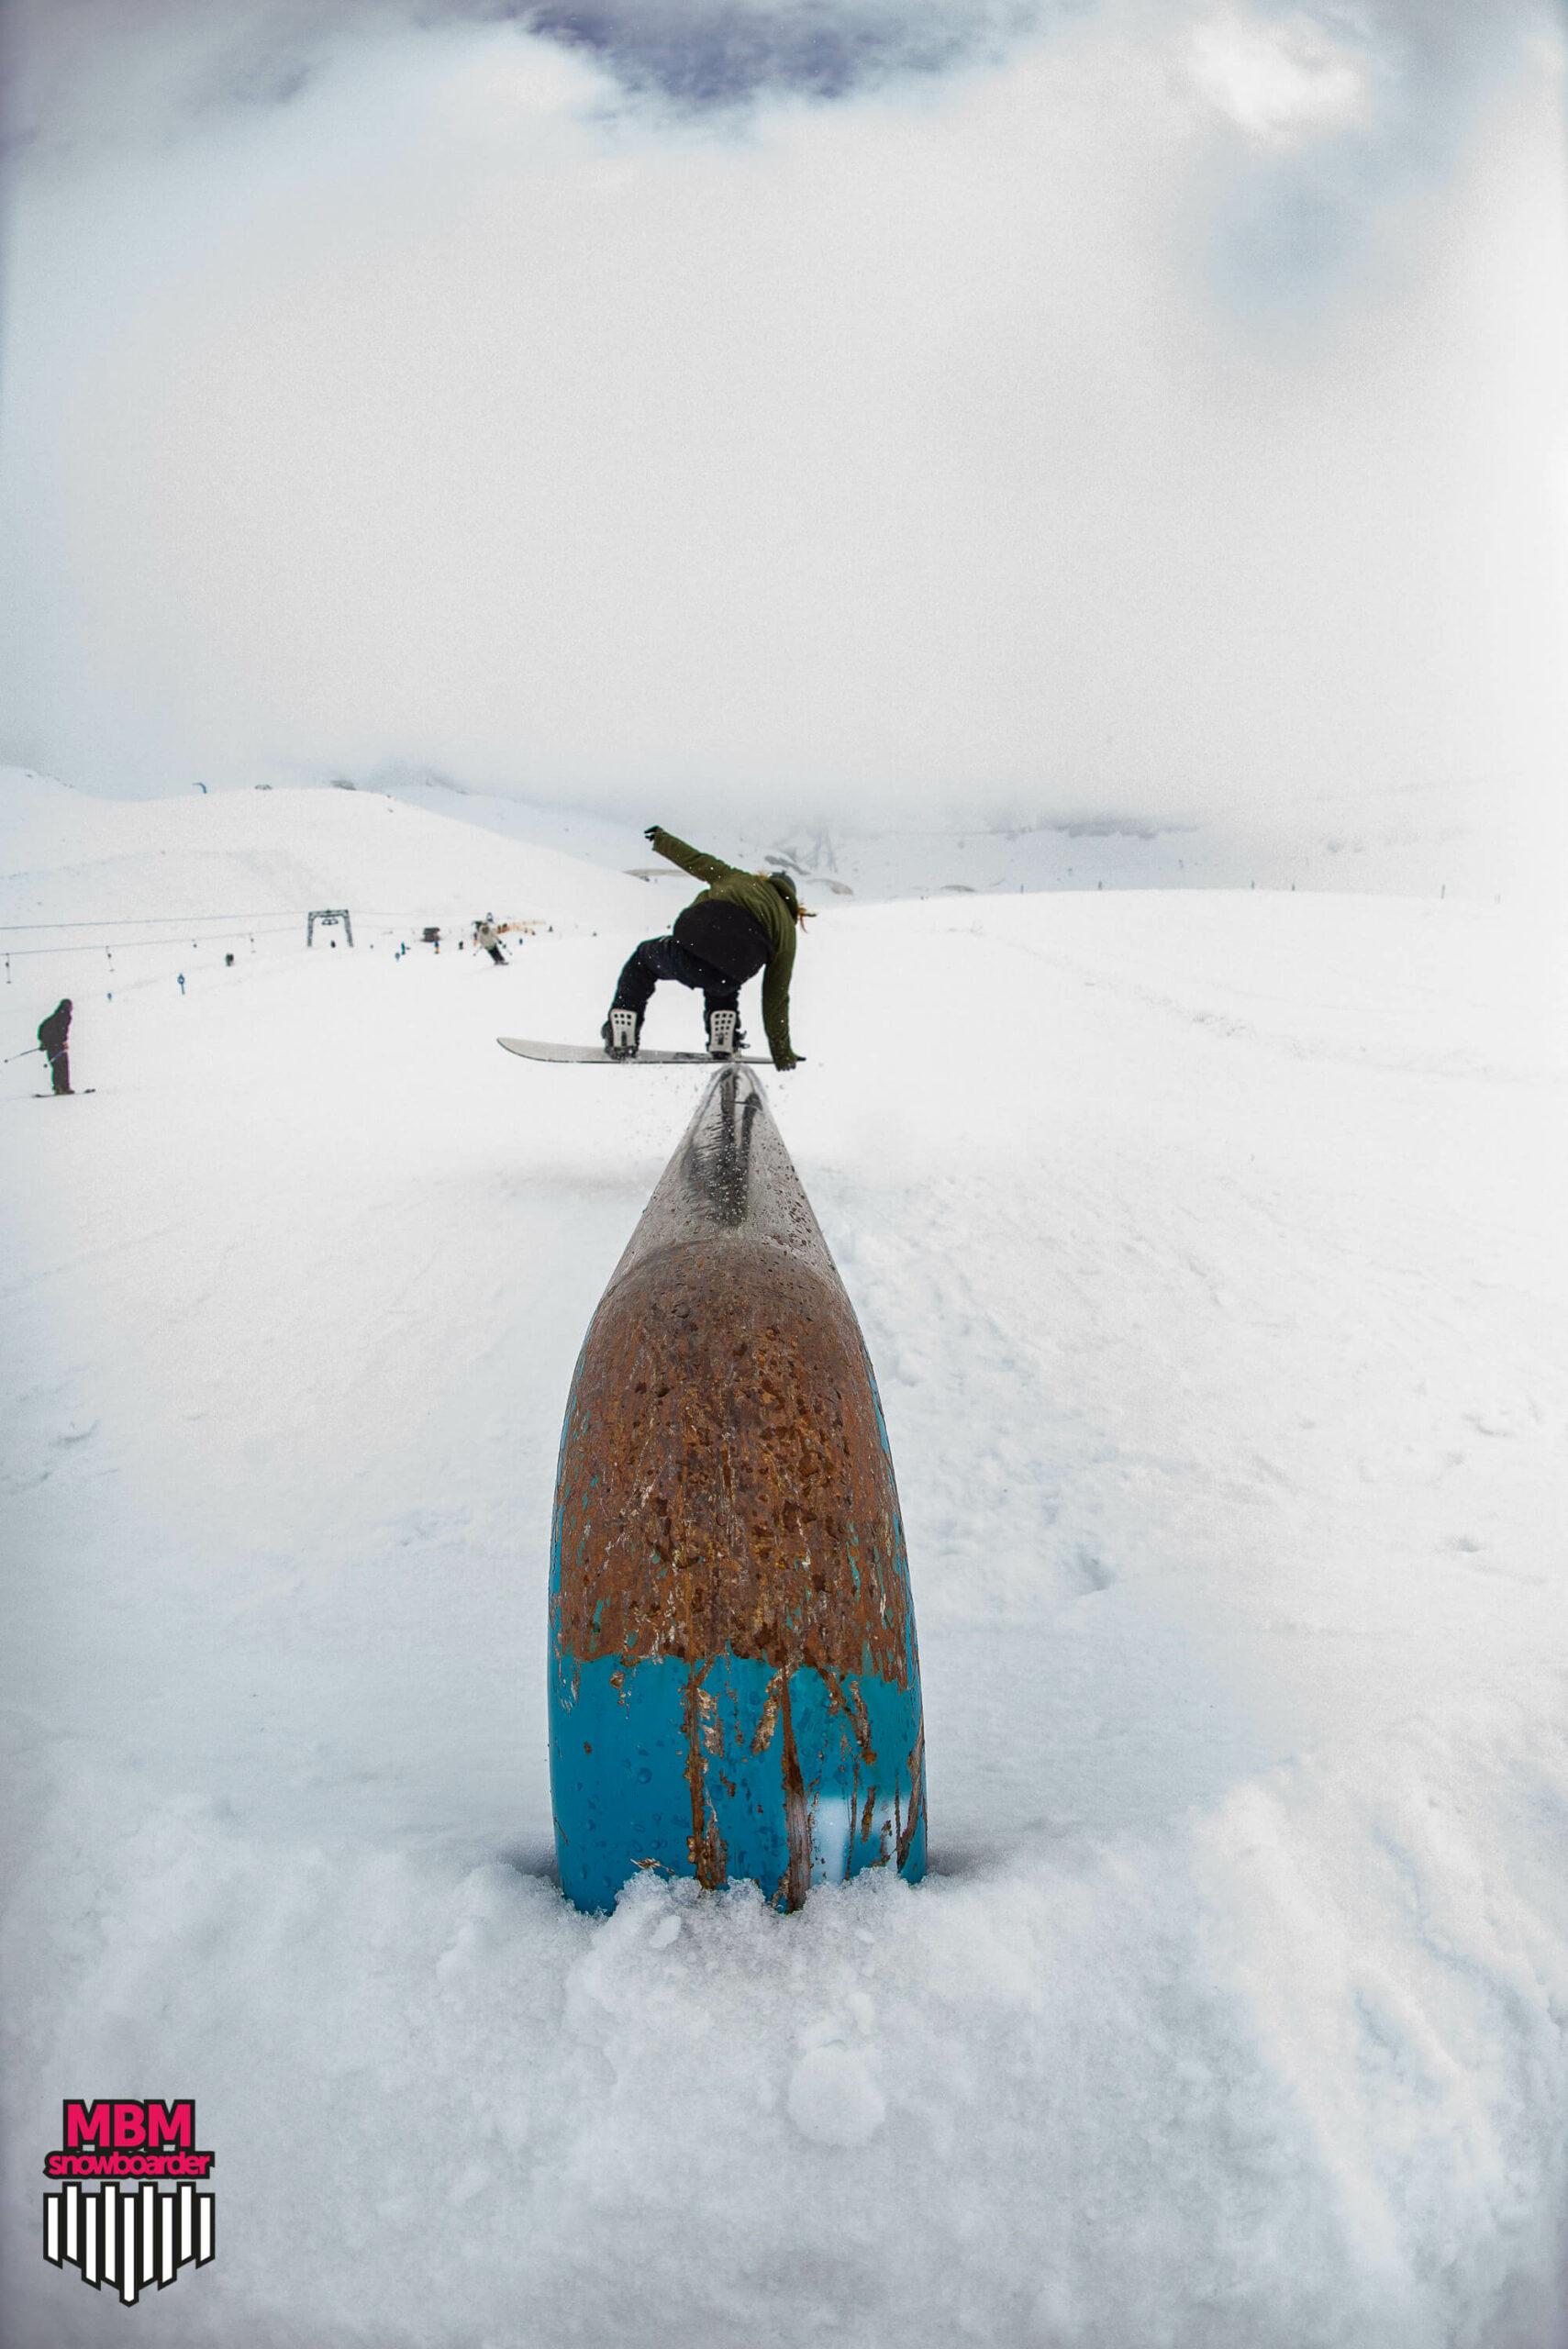 snowboarderMBM_sd_kaunertal_104